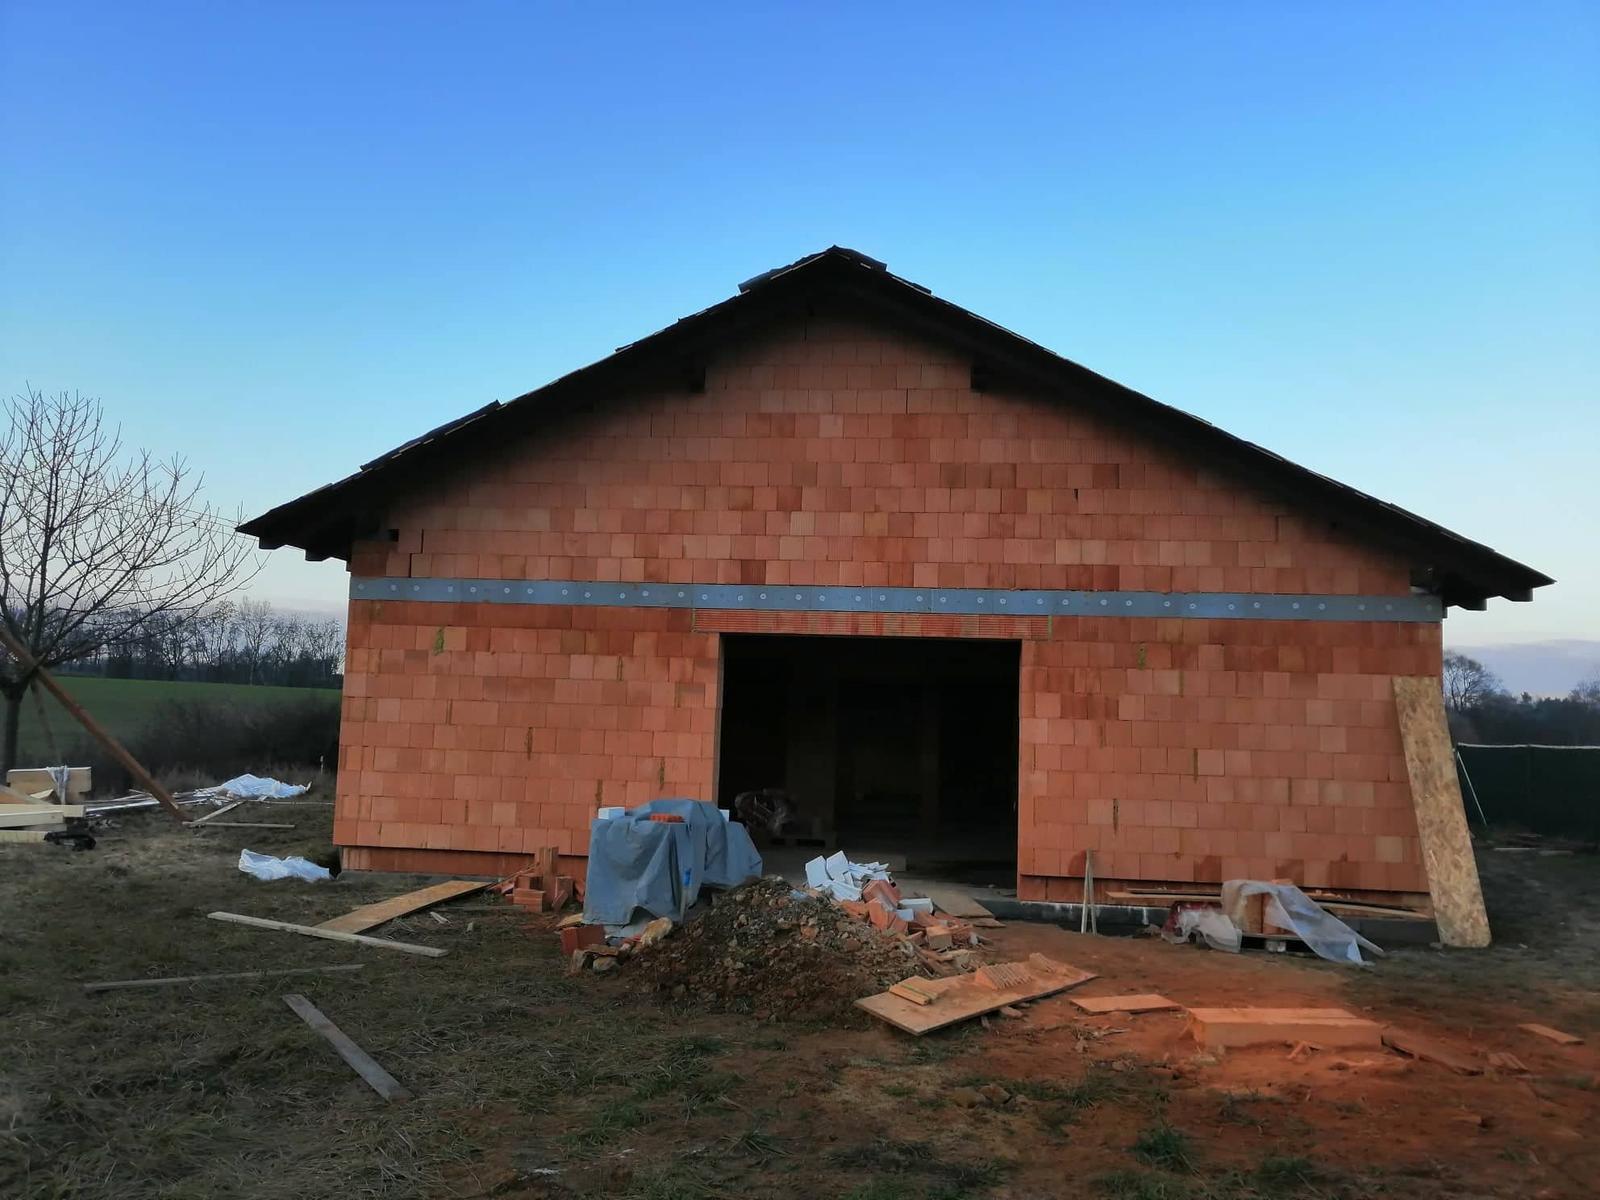 Náš vysněný domov :-) - Obrázek č. 42